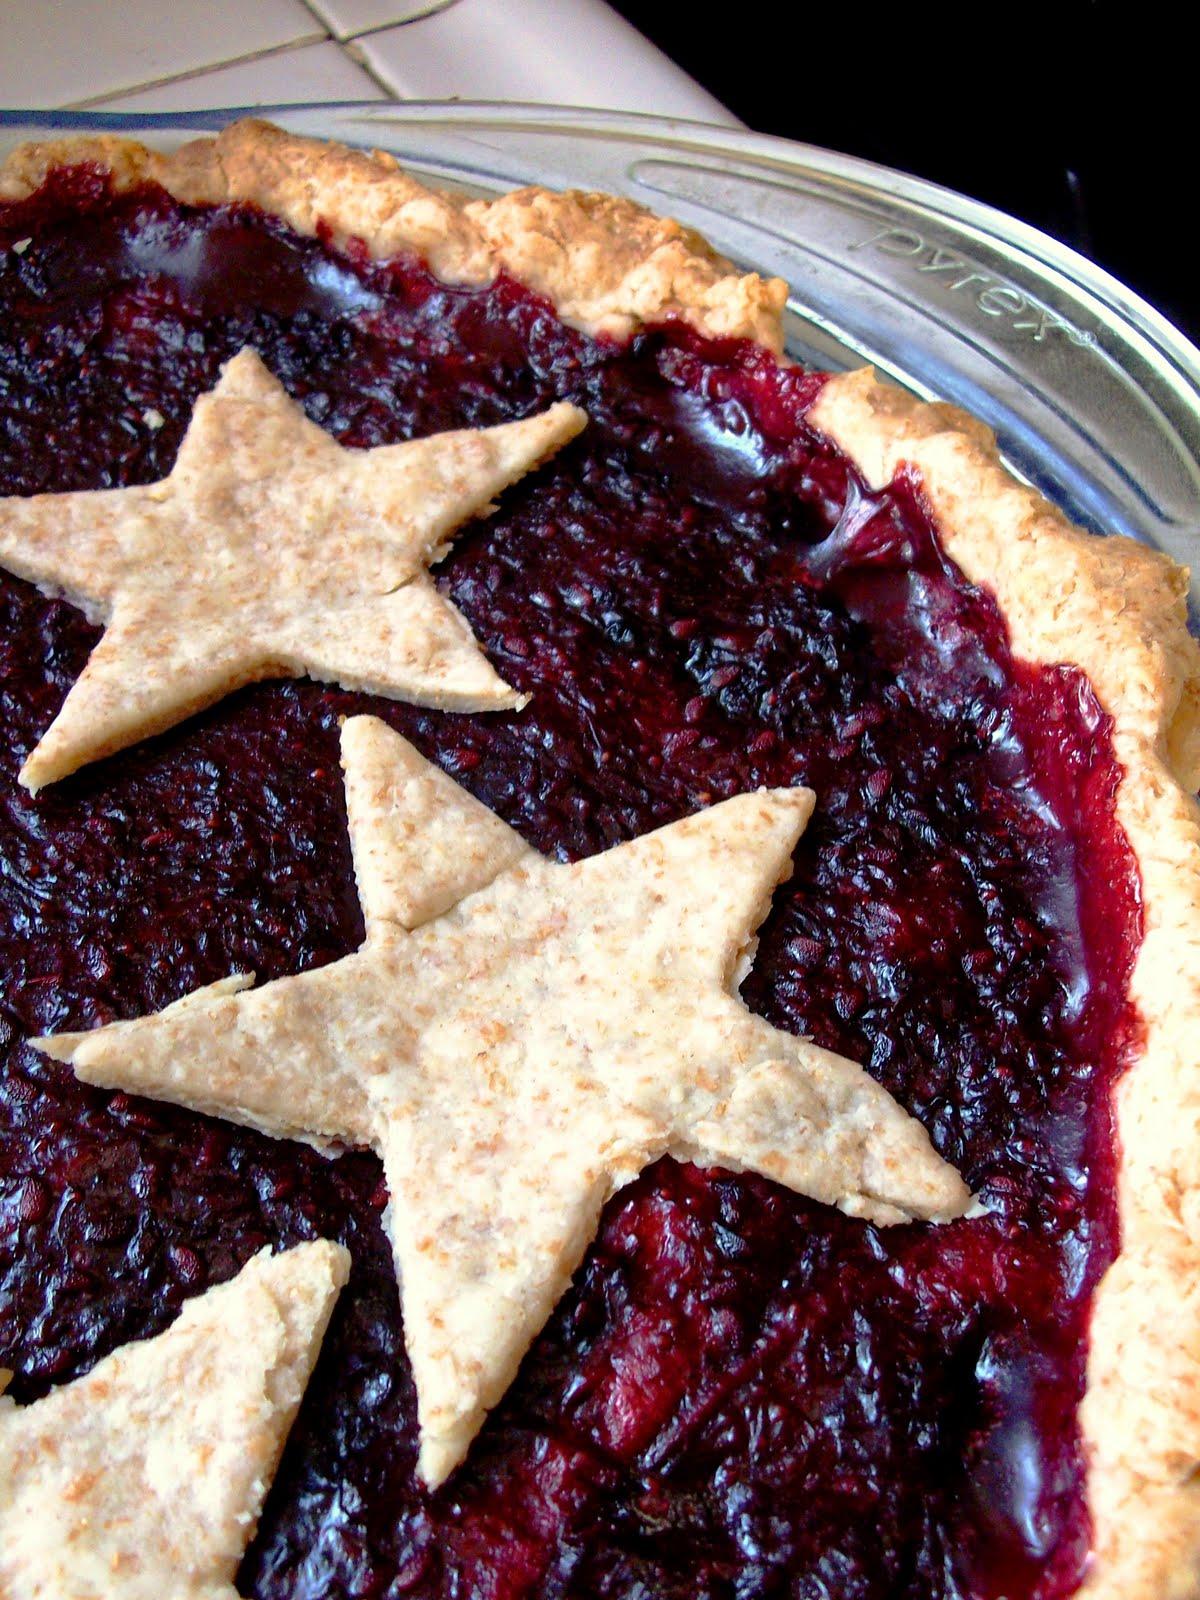 Julia's (Vegan) Kitchen: Blackberry Pie